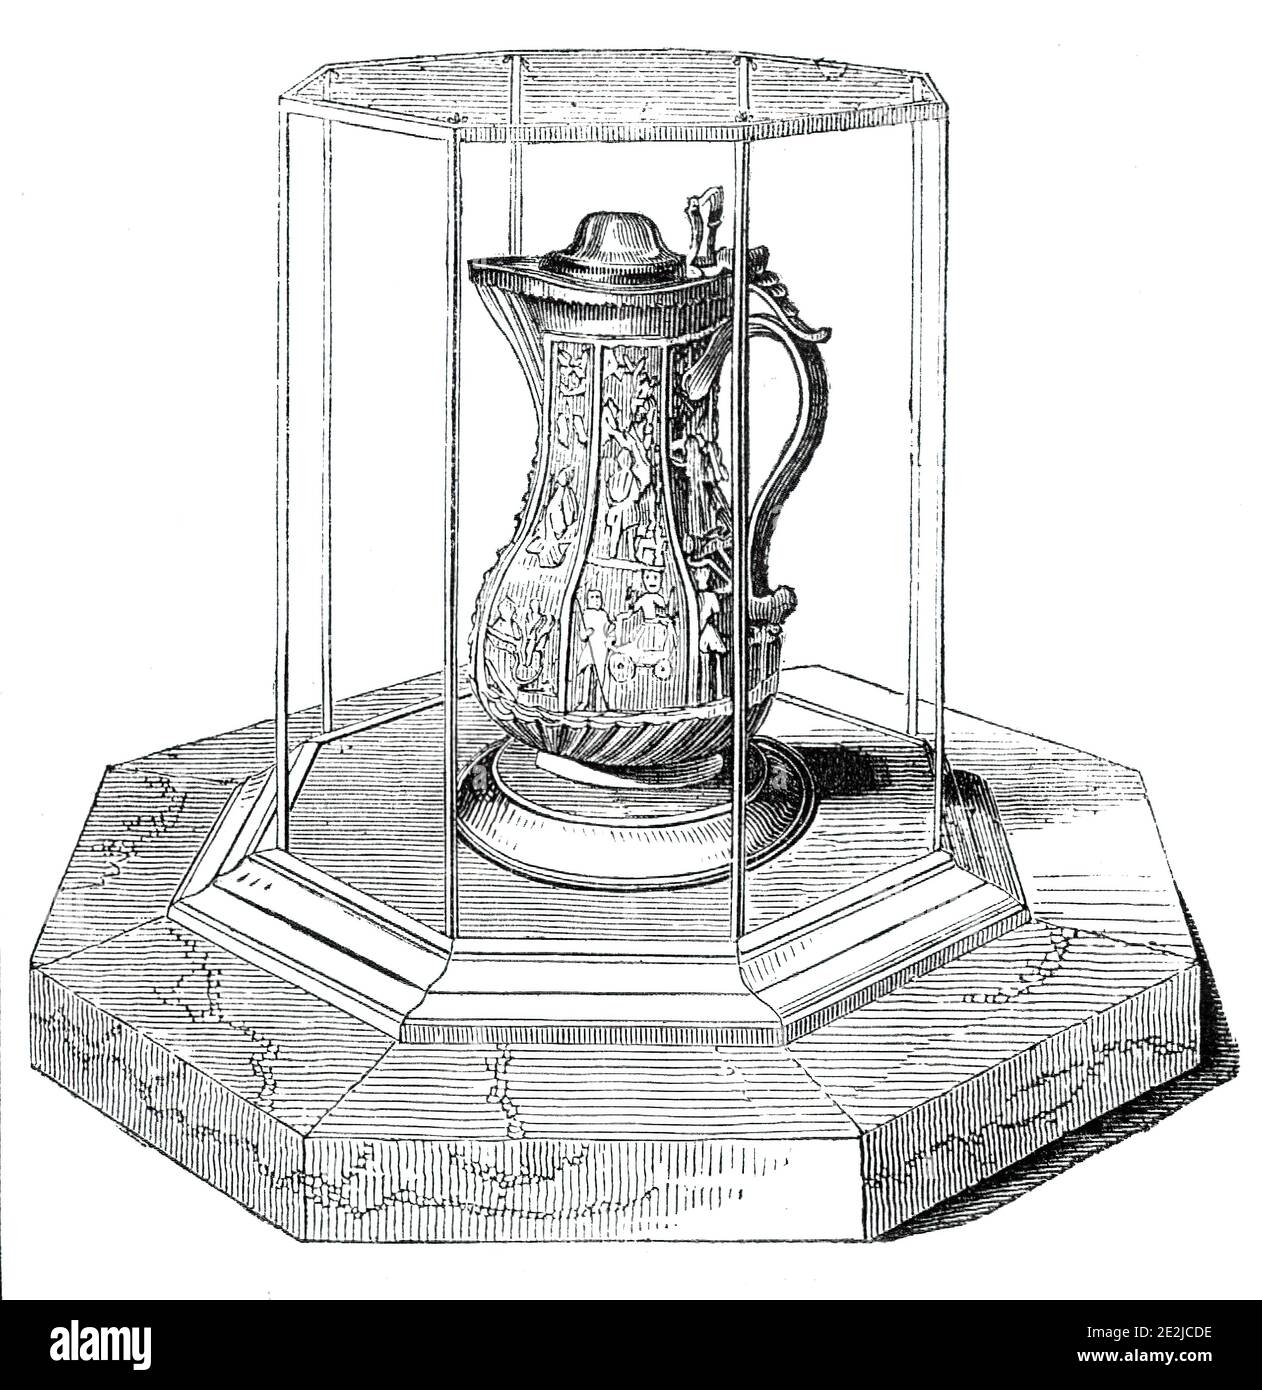 """Shakspeare's Jug, 1844. Une « relique accréditée » de Shakespeare. """"Les détails qui l'accompagnent proviennent d'un handbill, imprimé par M. Bennett, de Tewkesbury: """"Ce jug est en faïence de couleur crème, d'environ neuf pouces de hauteur, et seize ronds dans la plus grande partie, et quelque peu en forme d'une cafetière moderne. Il est divisé longitudinalement en huit compartiments, chacun étant subdivisé horizontalement; et à l'intérieur de ces derniers, les principales divinités de la mythologie grecque sont représentées dans un relief plutôt audacieux. Jupiter et Juno, Bacchus, Diana, Mercury, Apollo, Mars & amp;c. sont tous clairement distinguables Banque D'Images"""